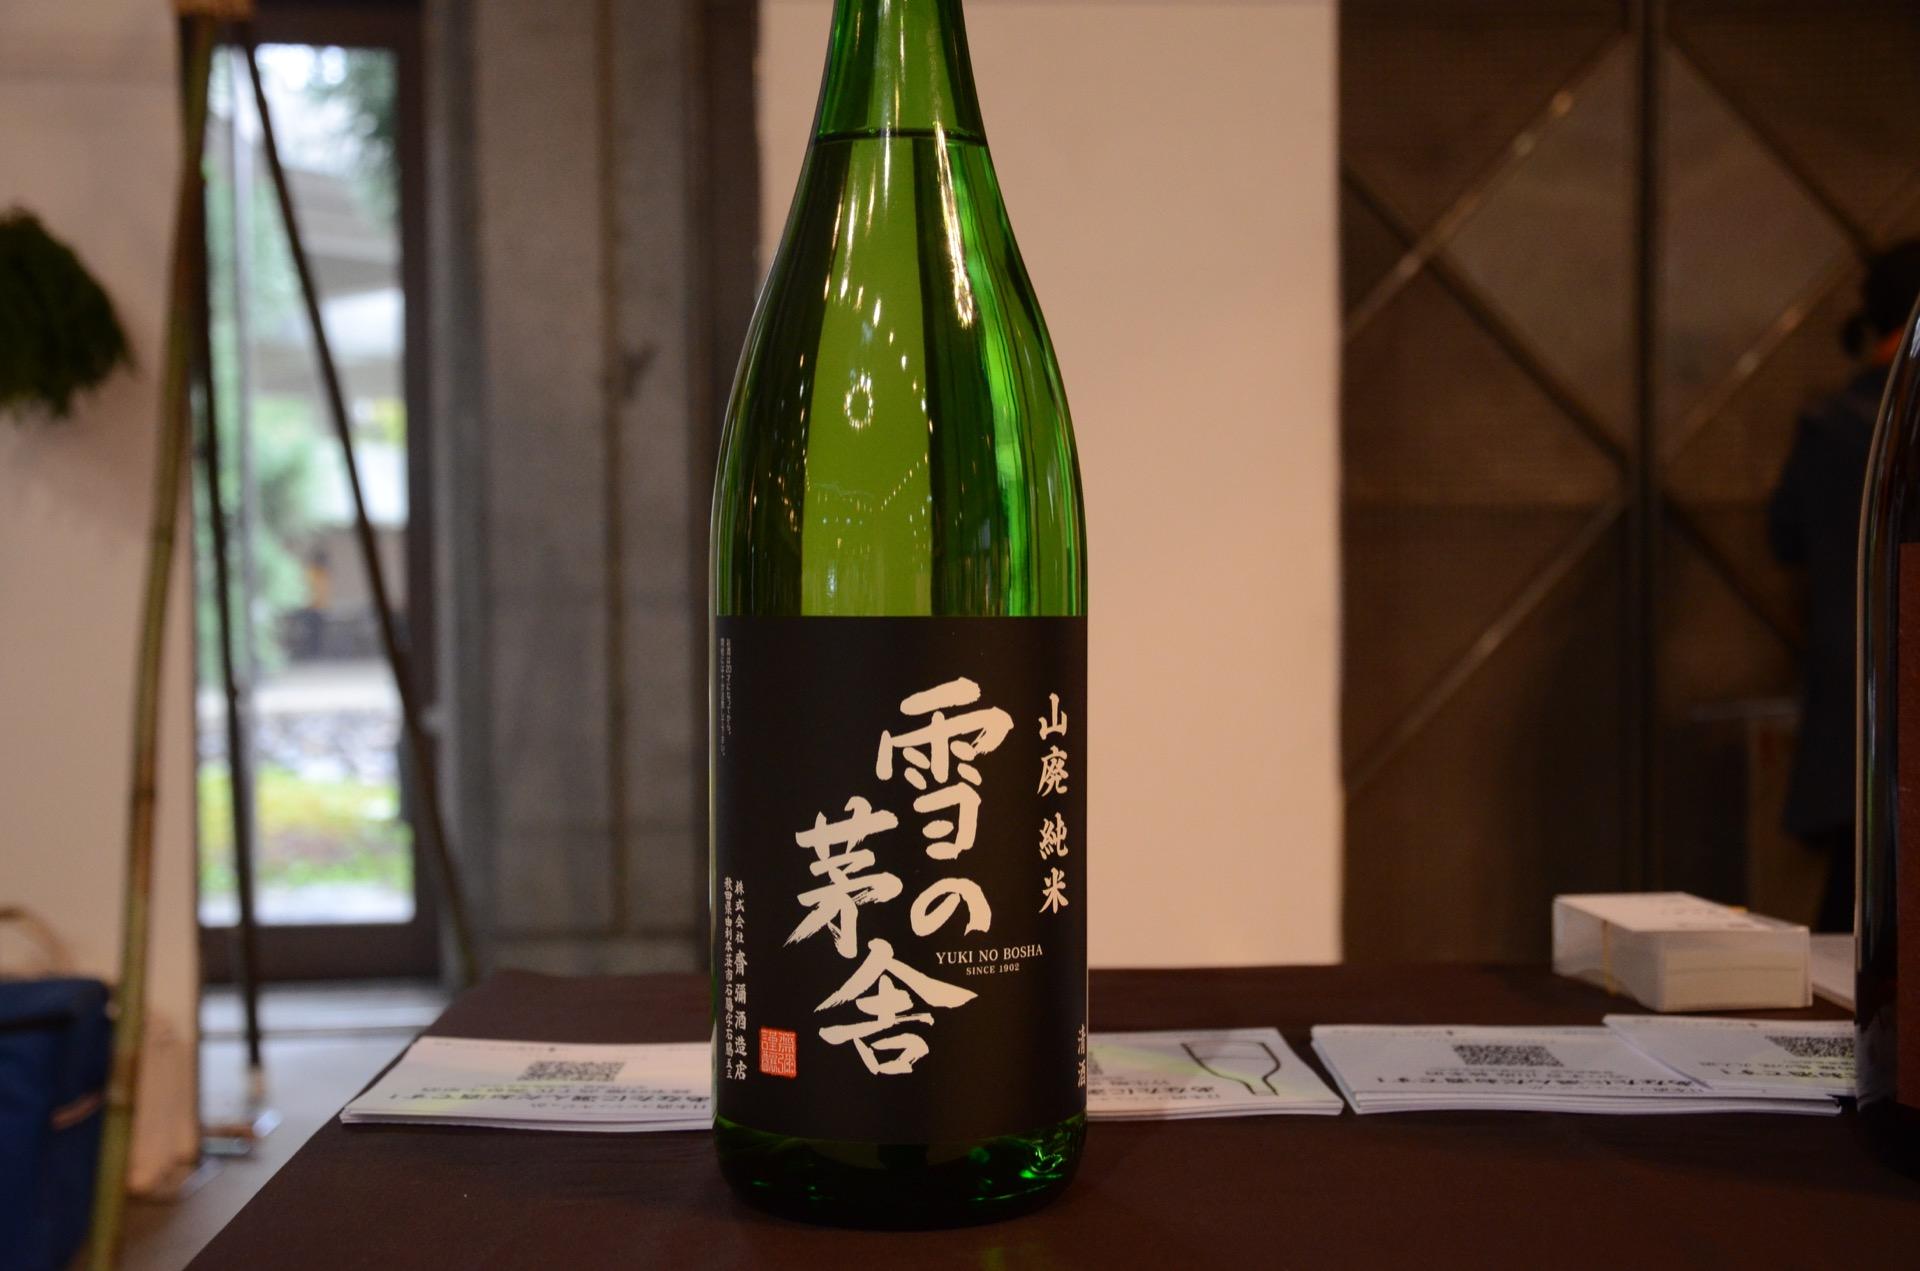 雪の茅舎 山廃 純米酒|日本酒テイスティングノート